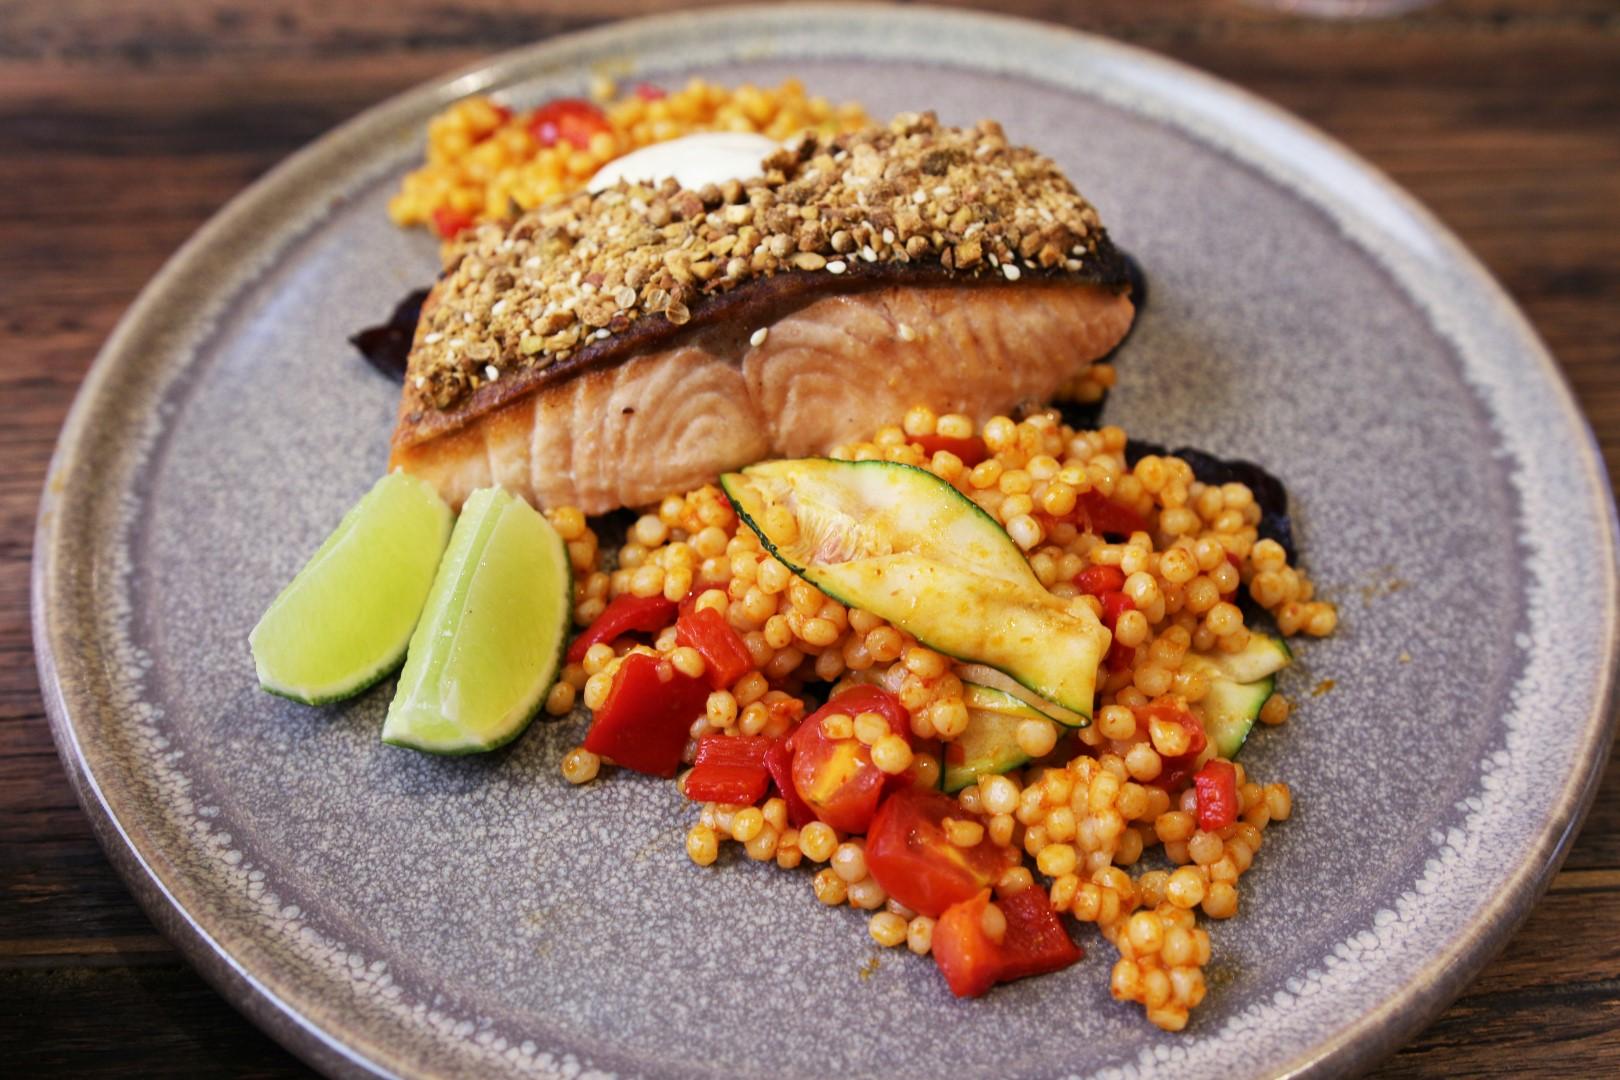 Dukkah Crusted Salmon